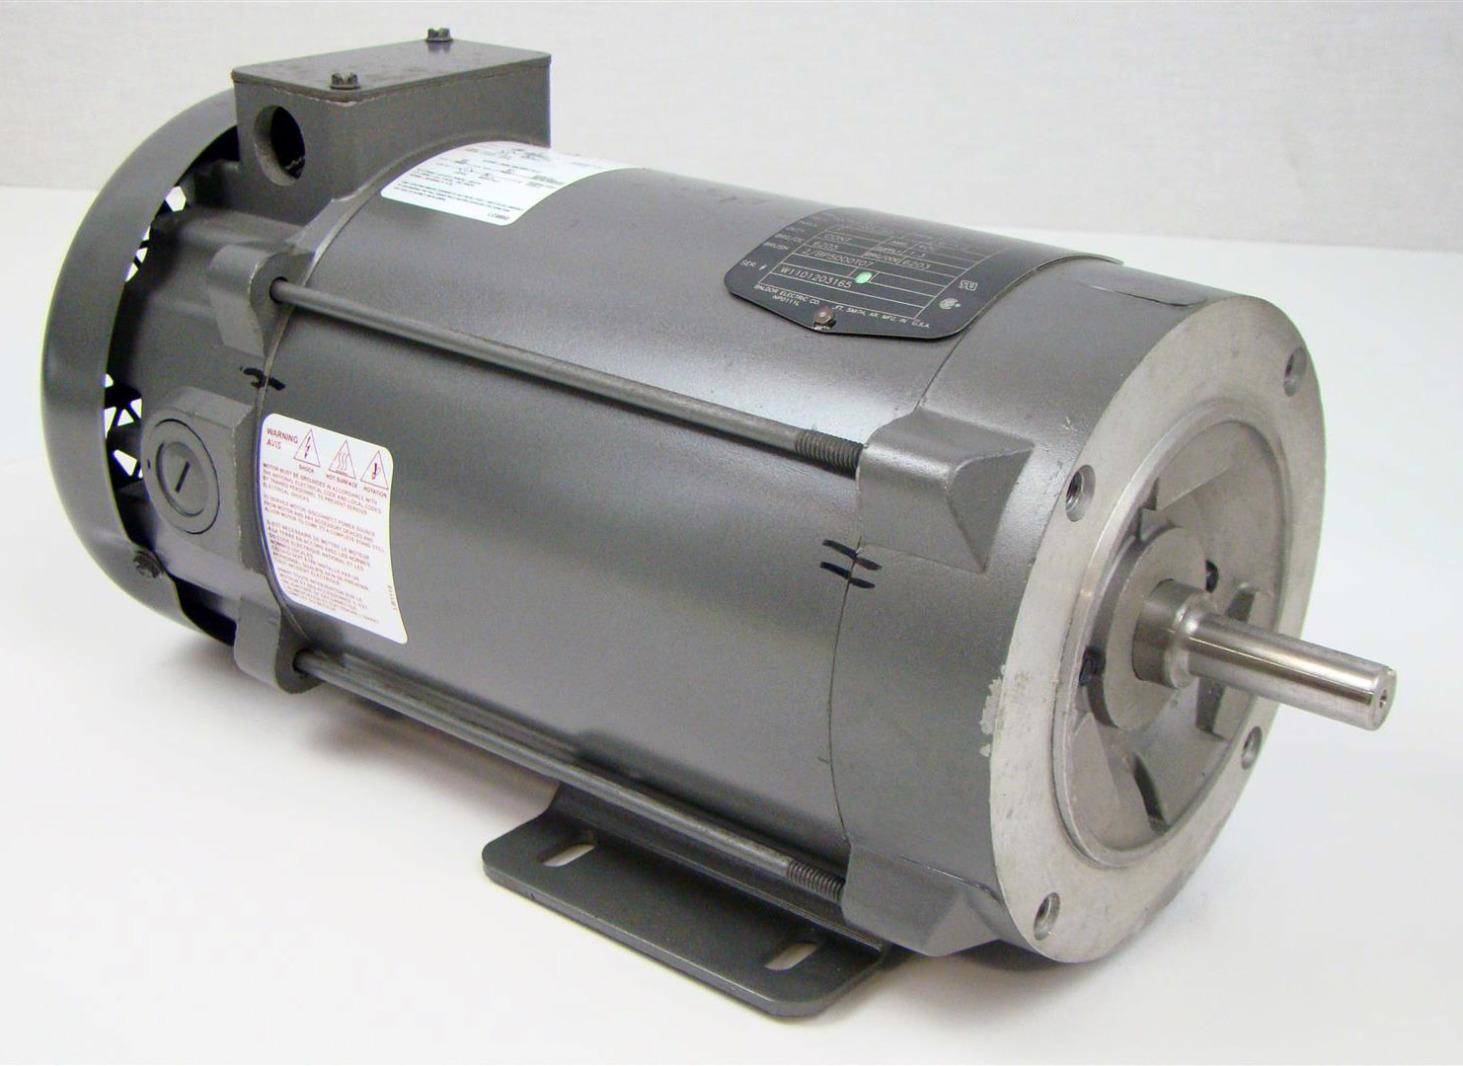 baldor reliancer dc motor 1750rpm 1hp 90v 35p442z390